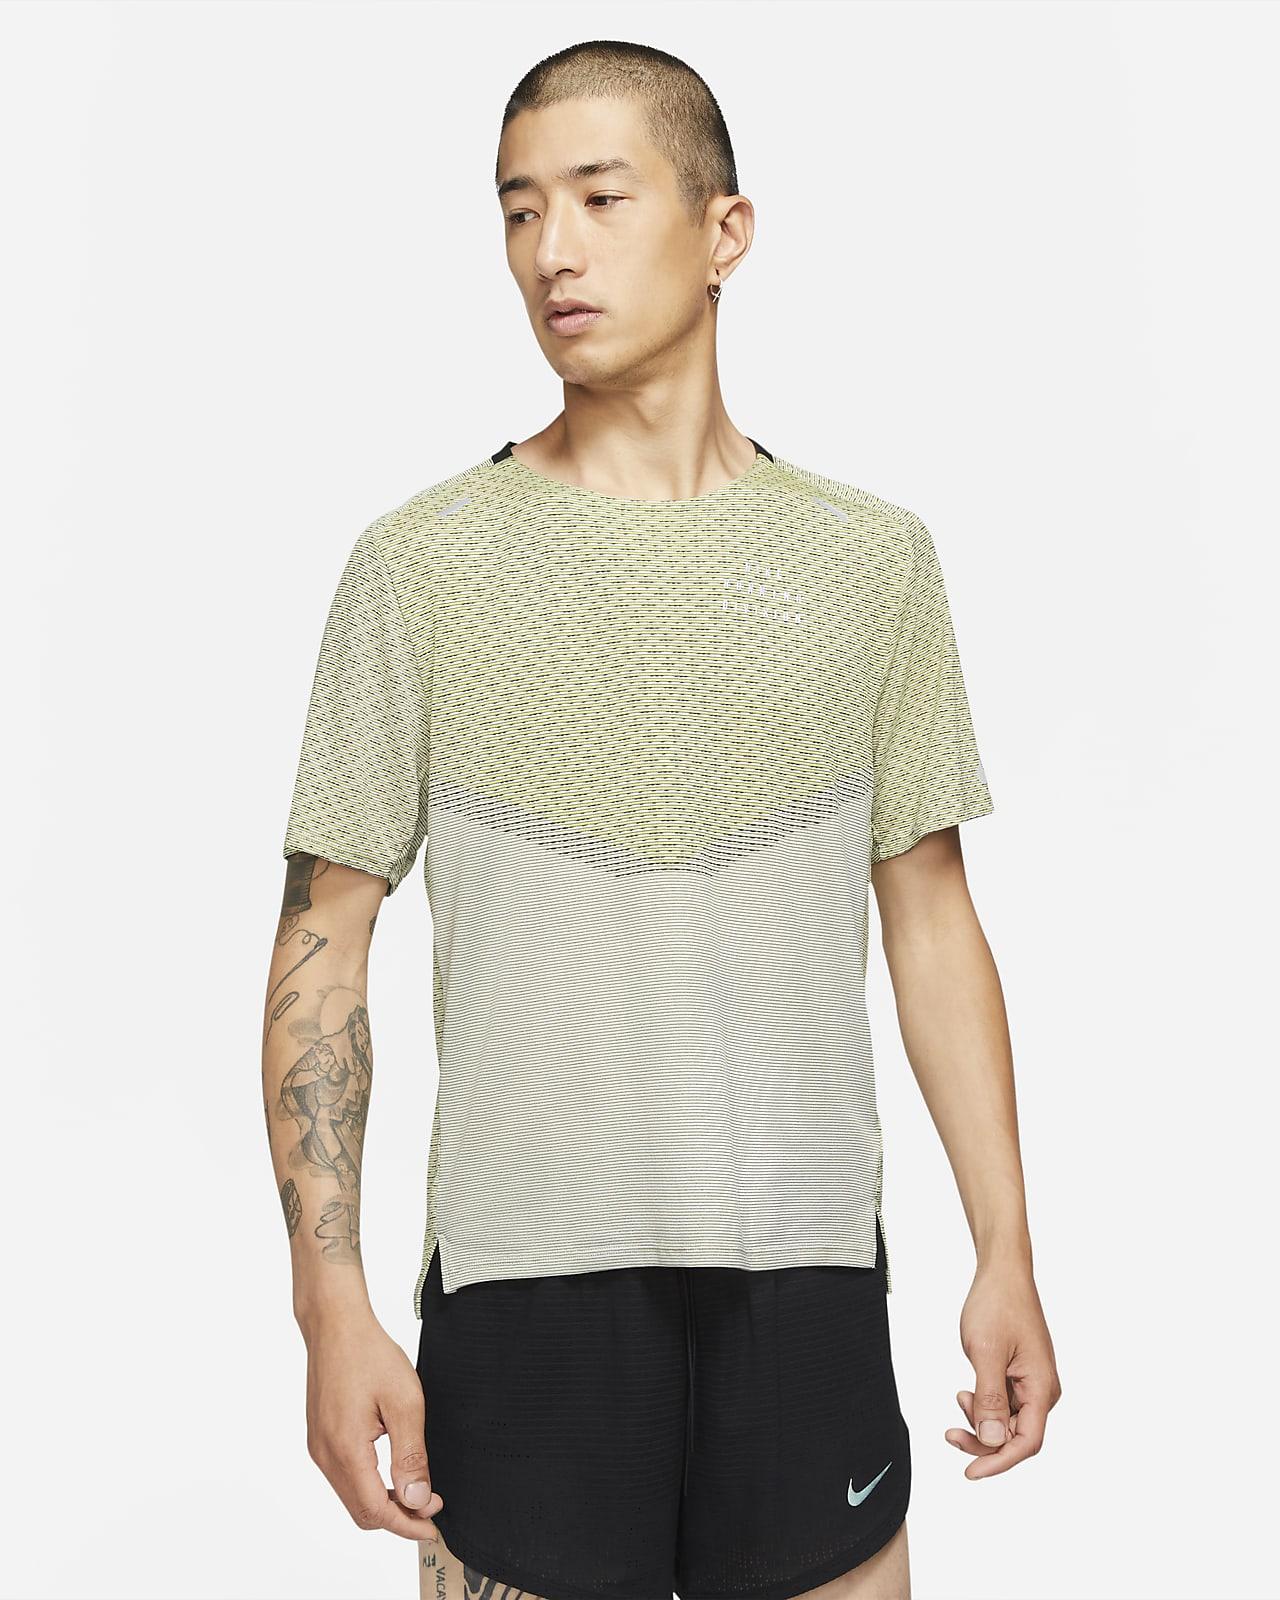 เสื้อแขนสั้นผู้ชาย Nike Dri-FIT ADV Run Division Techknit